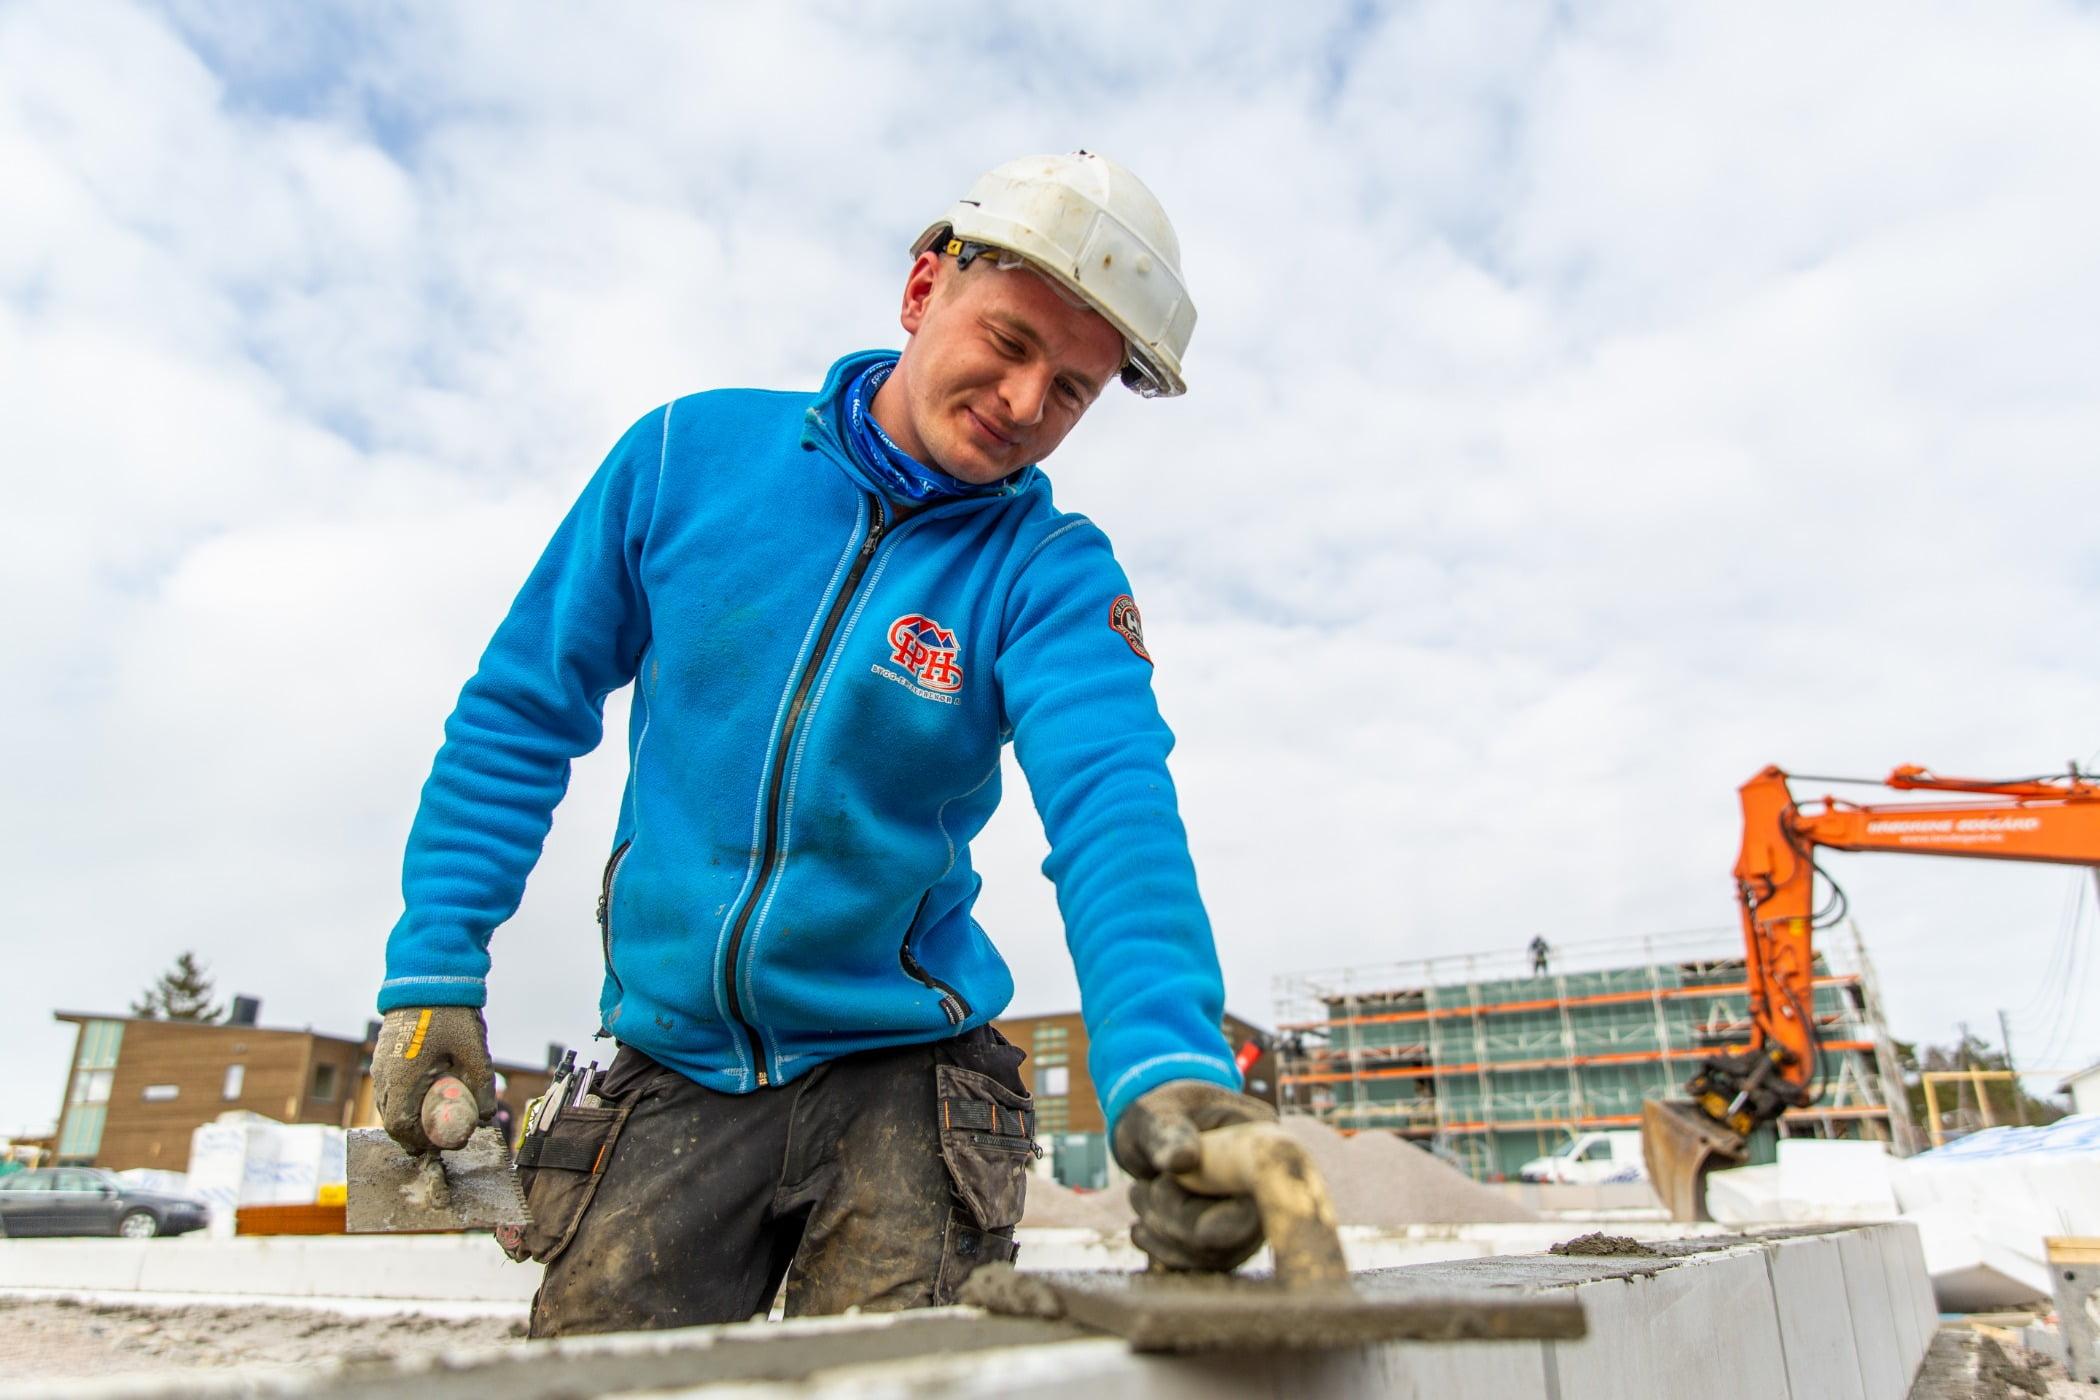 Construction worker, Sky, Cloud, Workwear, Headgear, Snow